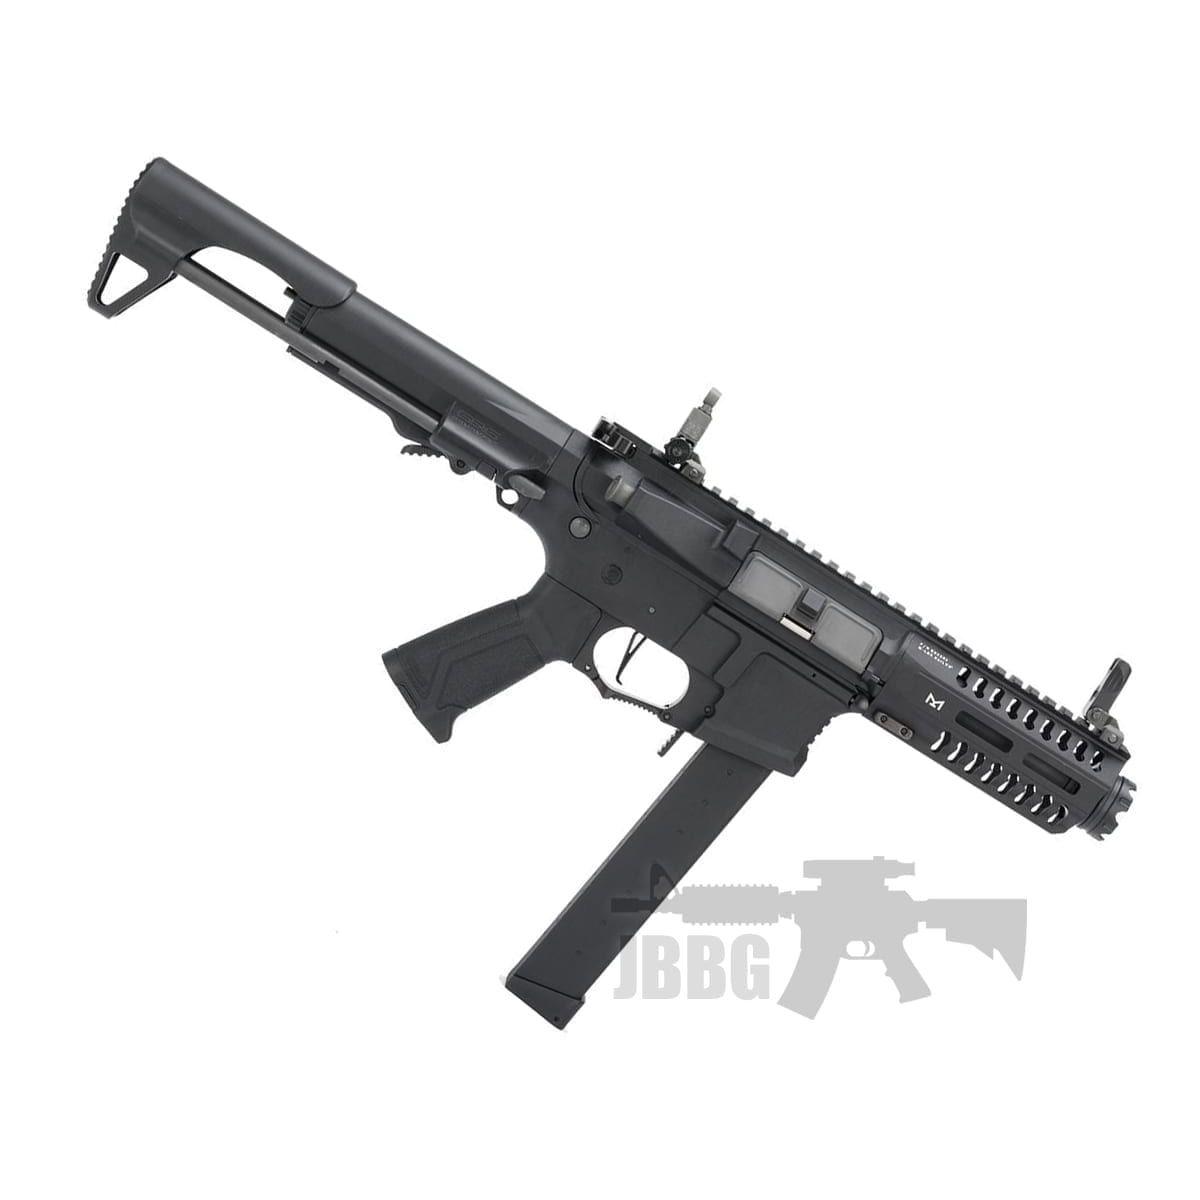 cm16 arp9 airsoft gun